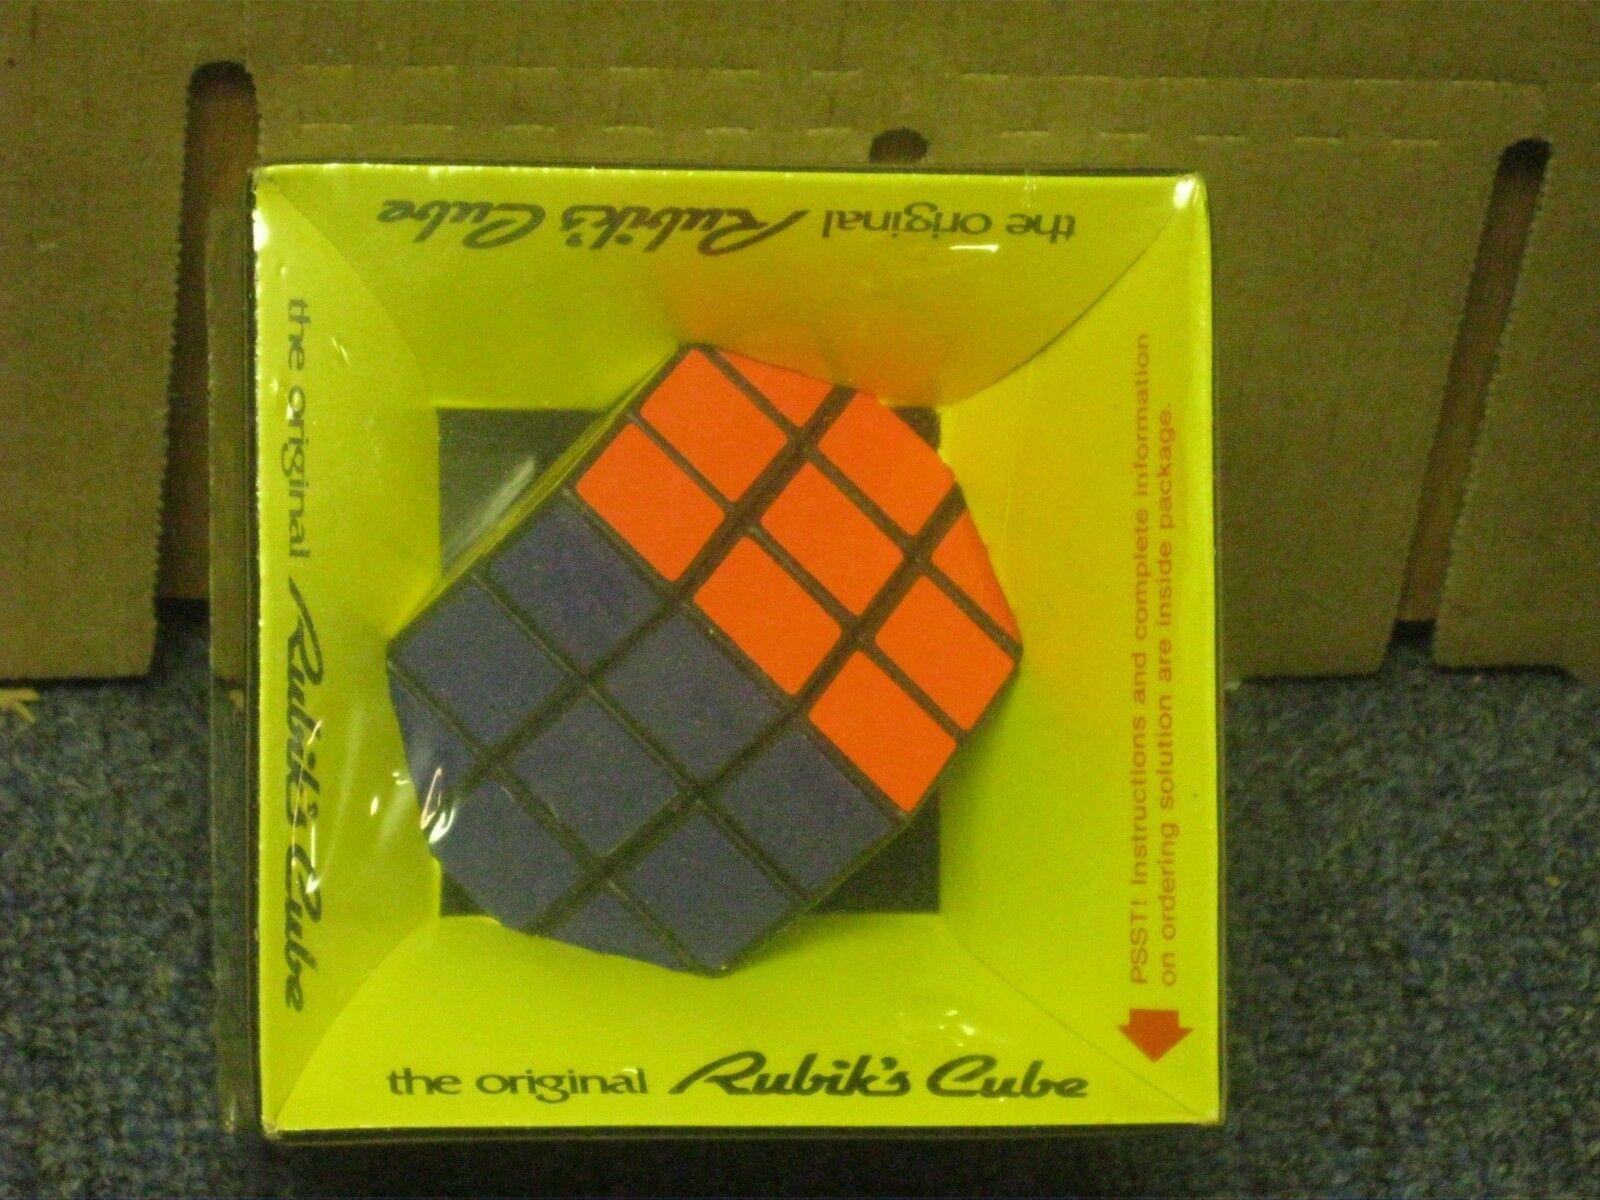 1980 Rubik s kub förseglad ny i paketidealiska leksaker